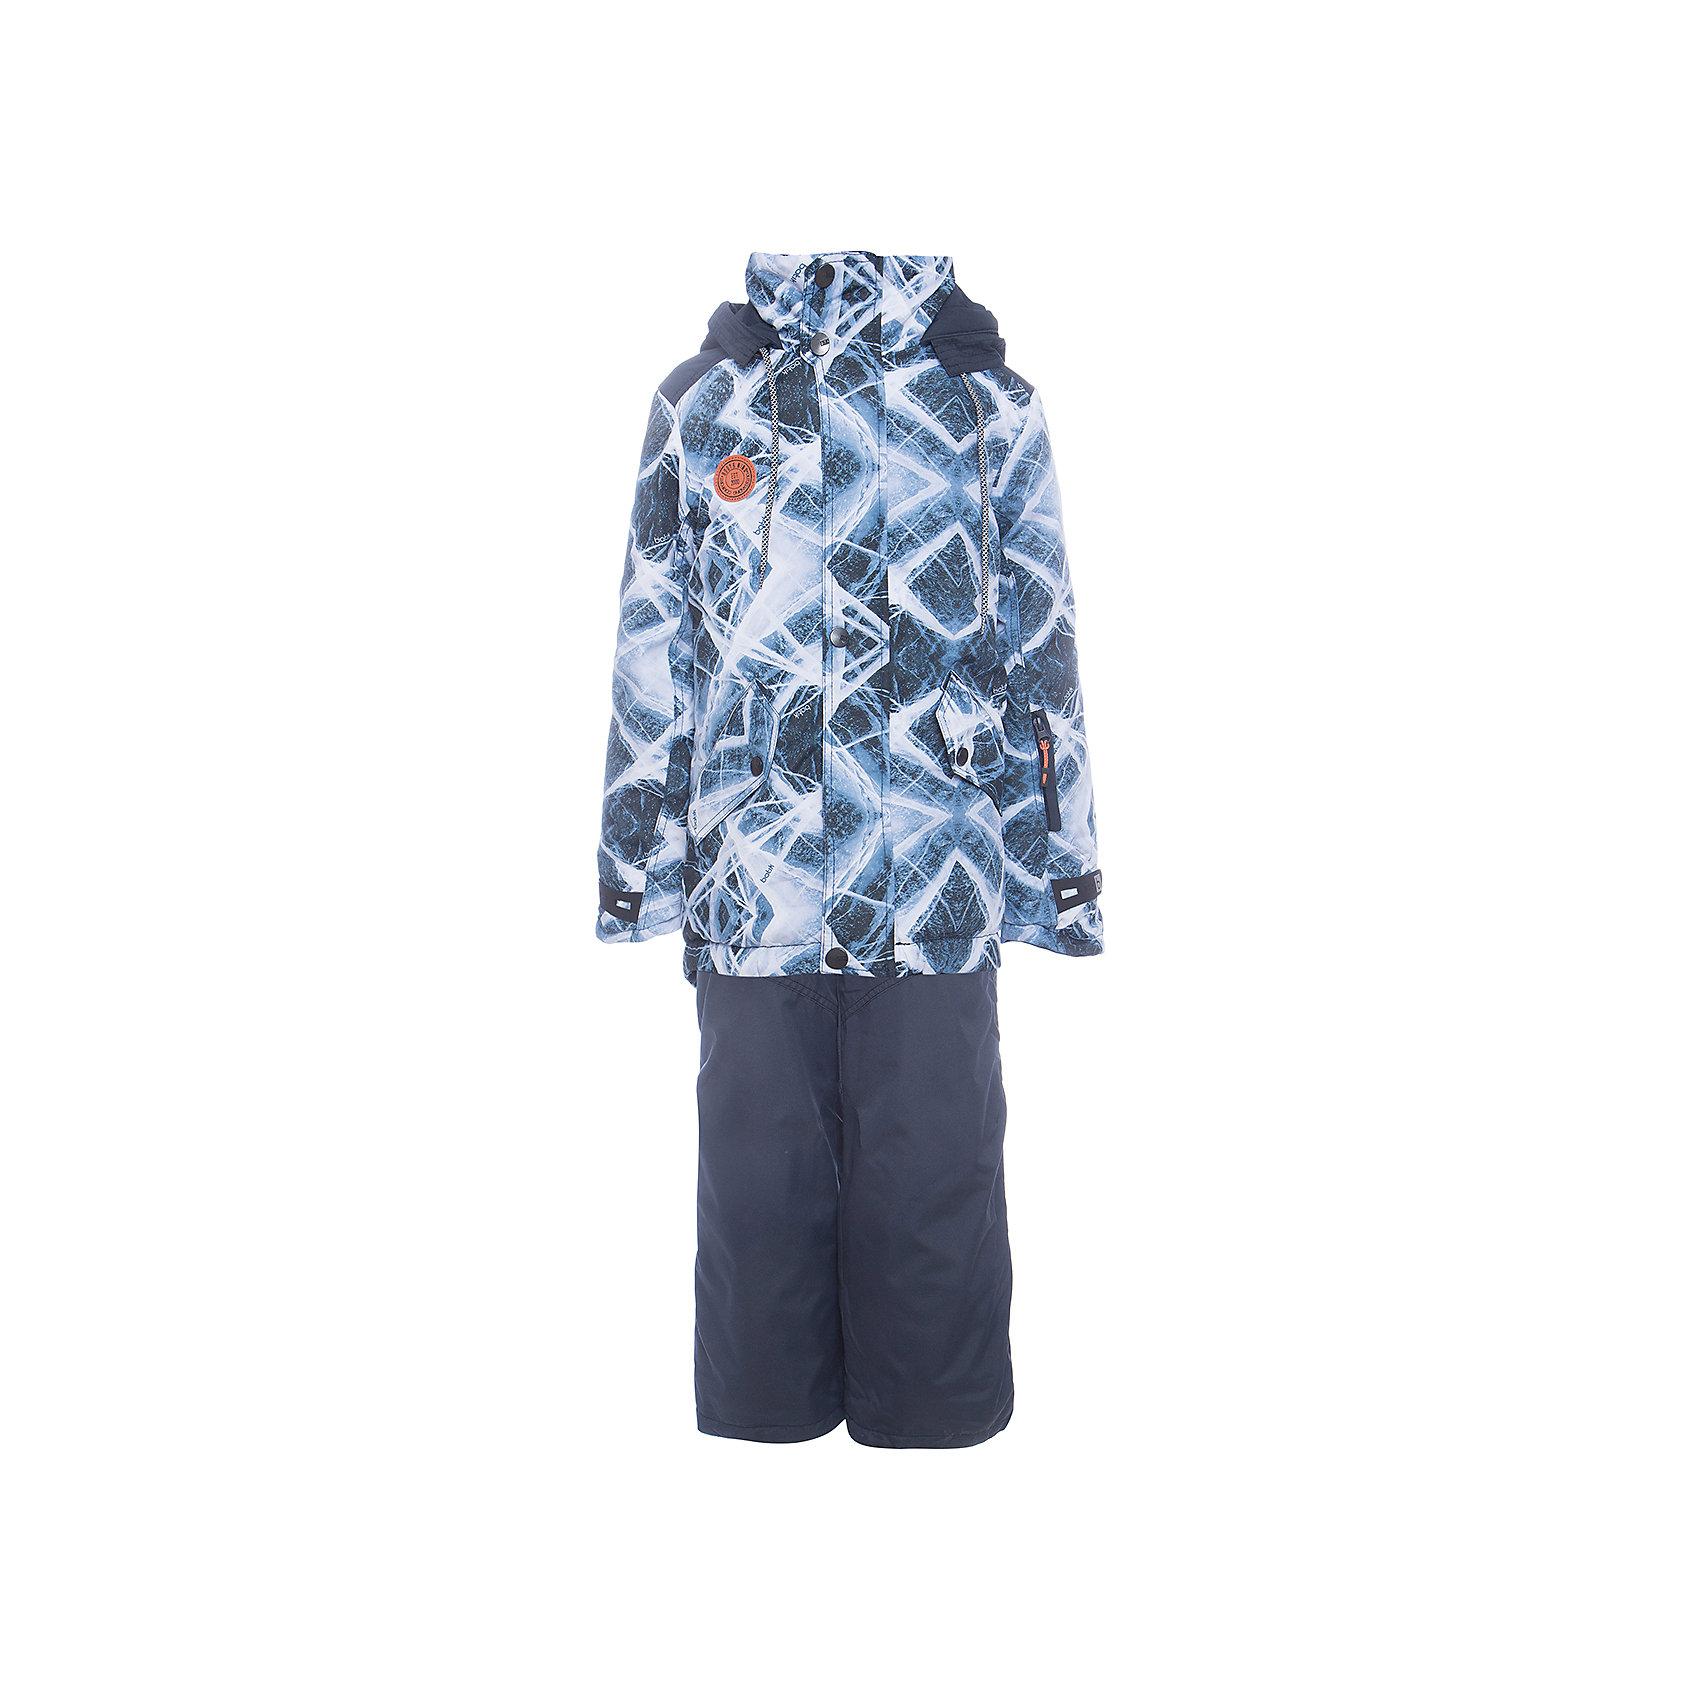 Комплект: куртка и полукомбенизон Кай Batik для мальчикаВерхняя одежда<br>Комплект: куртка и полукомбенизон Кай Batik для мальчика<br>Верхняя ткань обладает водоотталкивающими и ветрозащитными свойствами мембраны. Полукомбинезон с отстегивающимися лямками. Куртка на молнии с ветрозащитной планкой и юбкой внутри, светоотражающими элементами и капюшон на молнии.<br>Состав:<br>Ткань верха - TASLON OXFORD;  Утеплитель - Слайтекс 250;  Подкладка - Полар флис;<br><br>Ширина мм: 356<br>Глубина мм: 10<br>Высота мм: 245<br>Вес г: 519<br>Цвет: синий<br>Возраст от месяцев: 120<br>Возраст до месяцев: 132<br>Пол: Мужской<br>Возраст: Детский<br>Размер: 146,134,140<br>SKU: 7028353